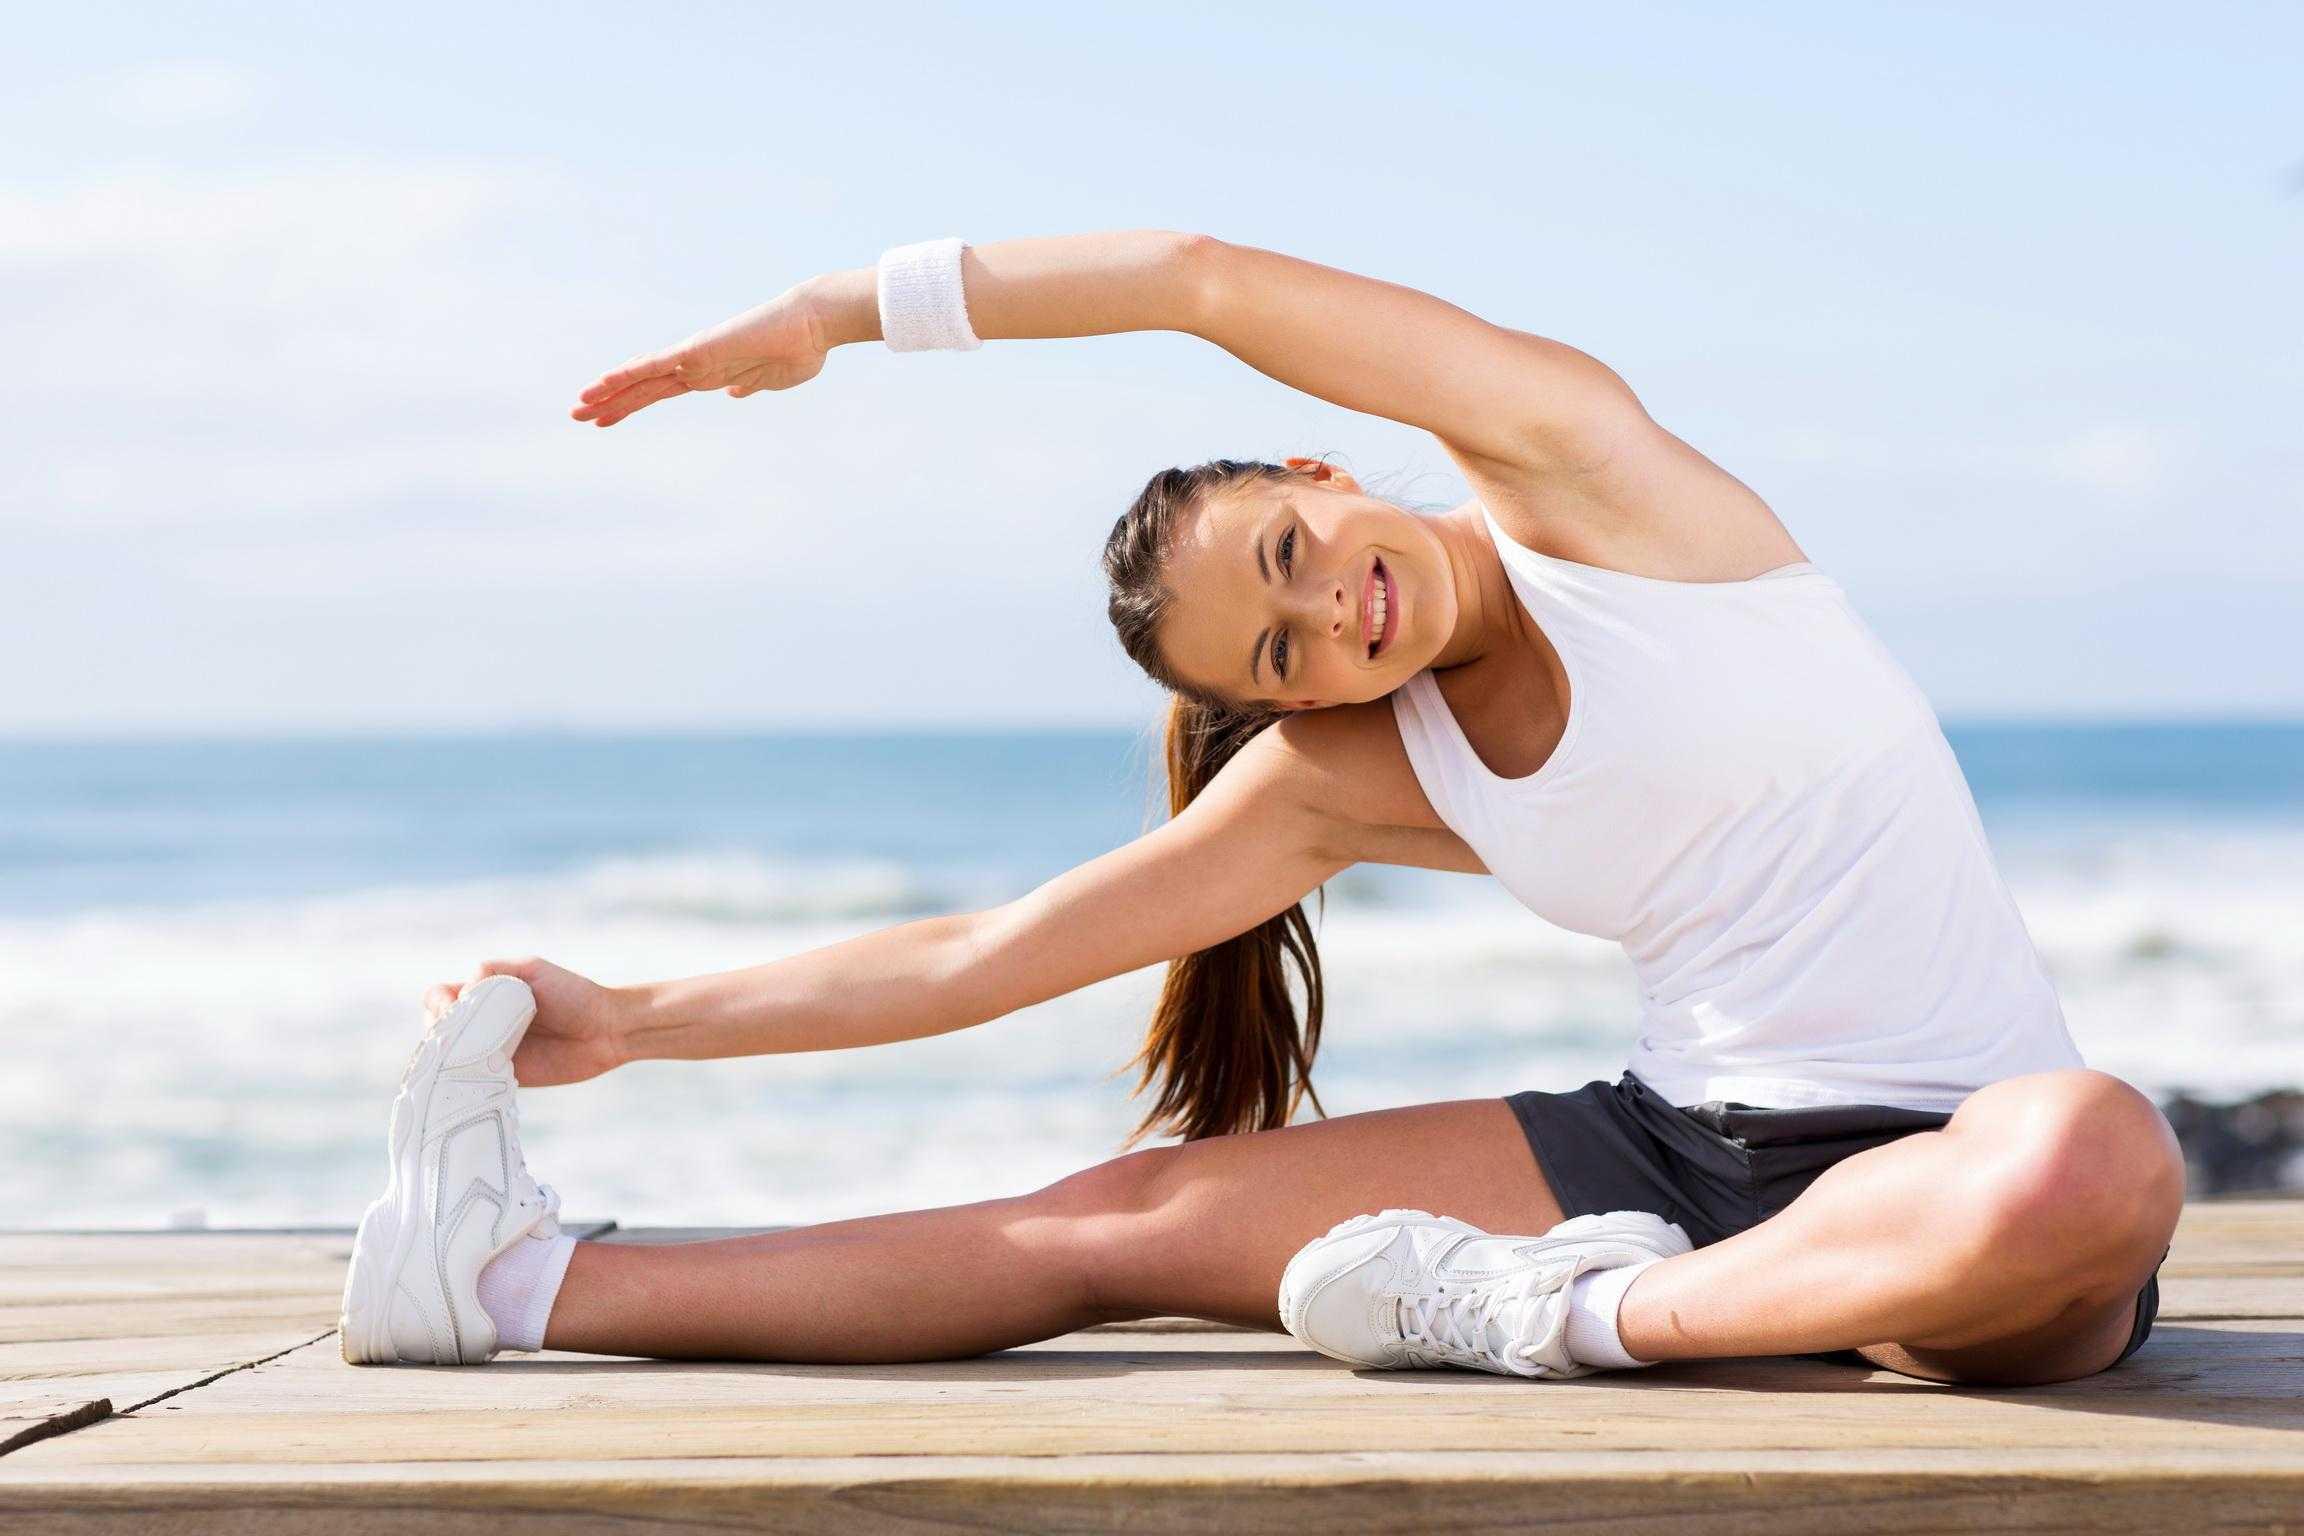 Топ-5 упражнений для поддержания фигуры в отличной форме